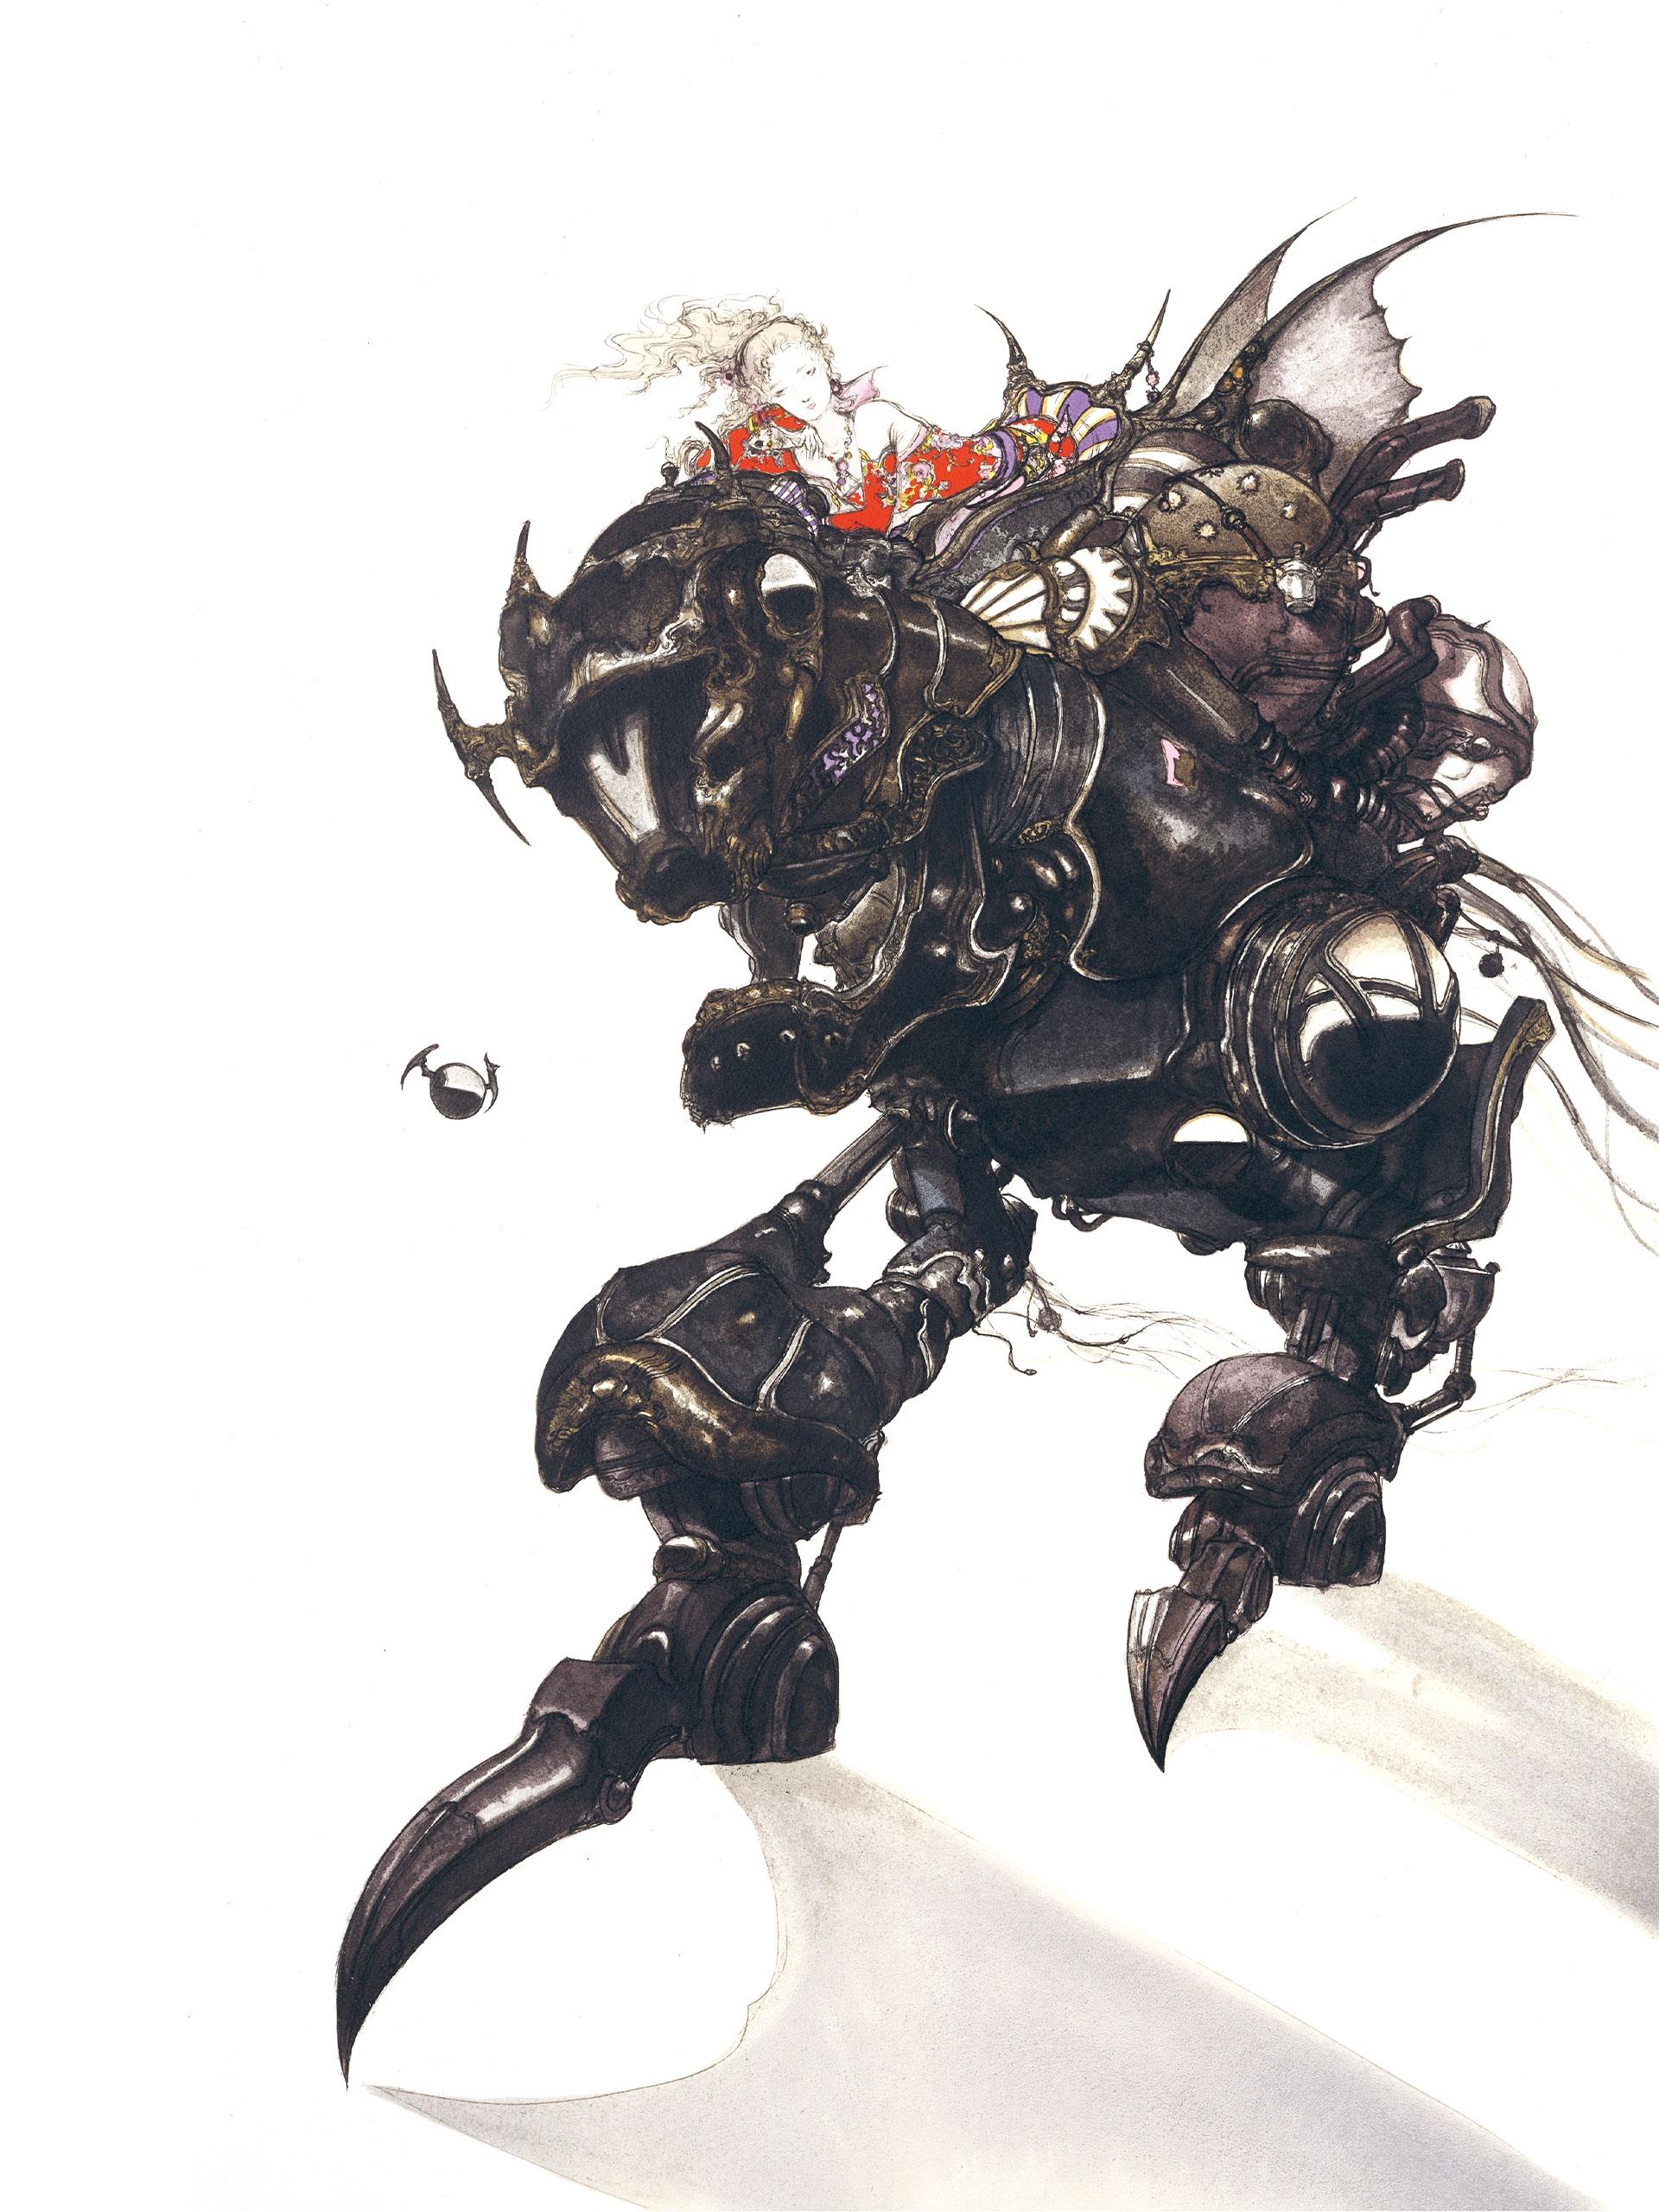 Final Fantasy VI/CSM's Walkthrough/Part 01